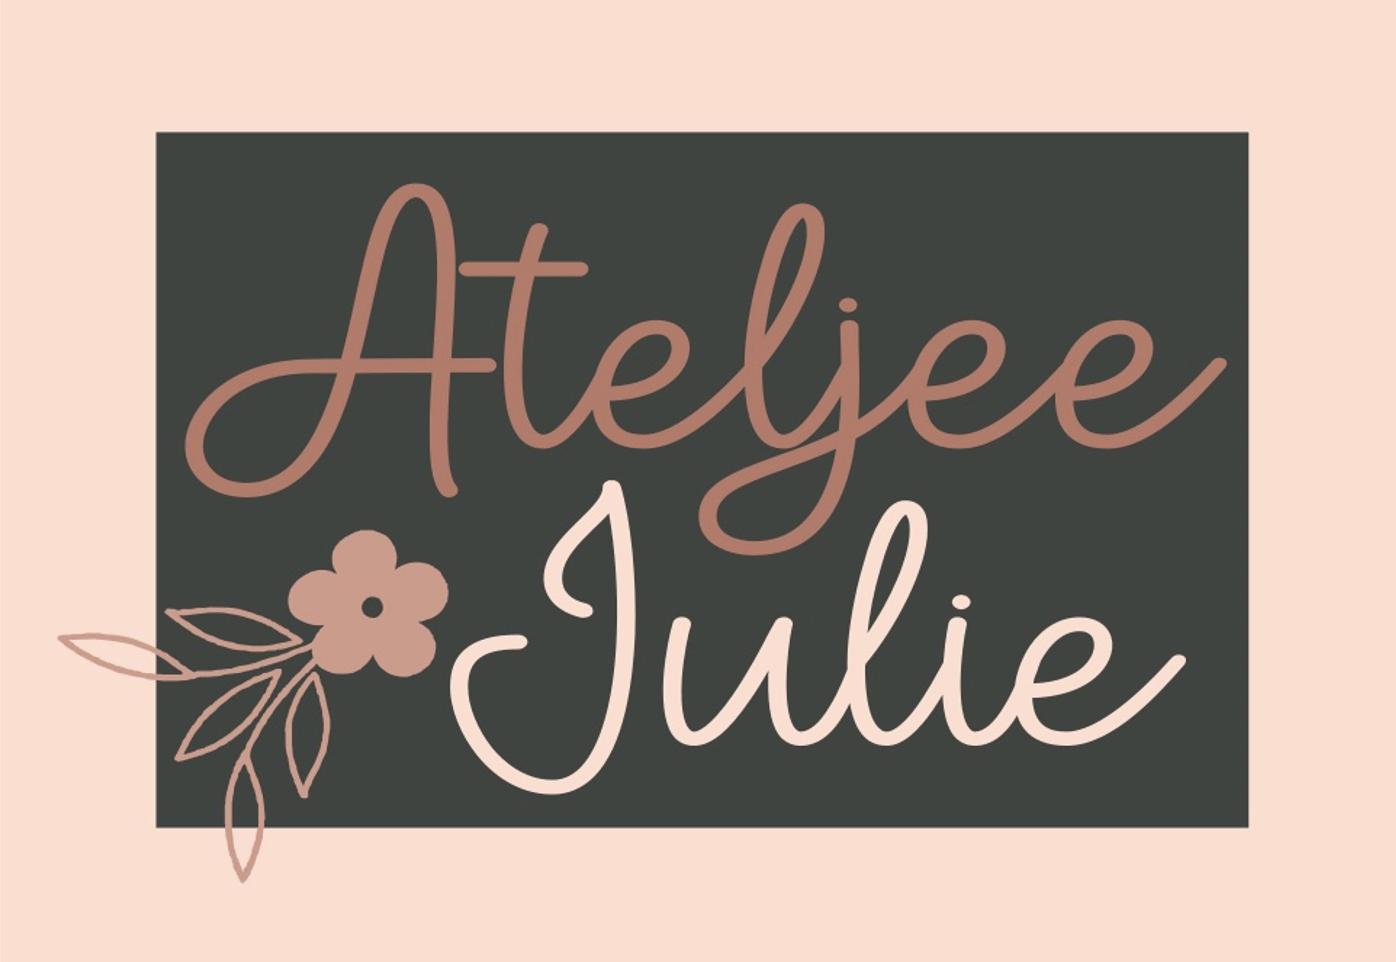 Ateljee Julie